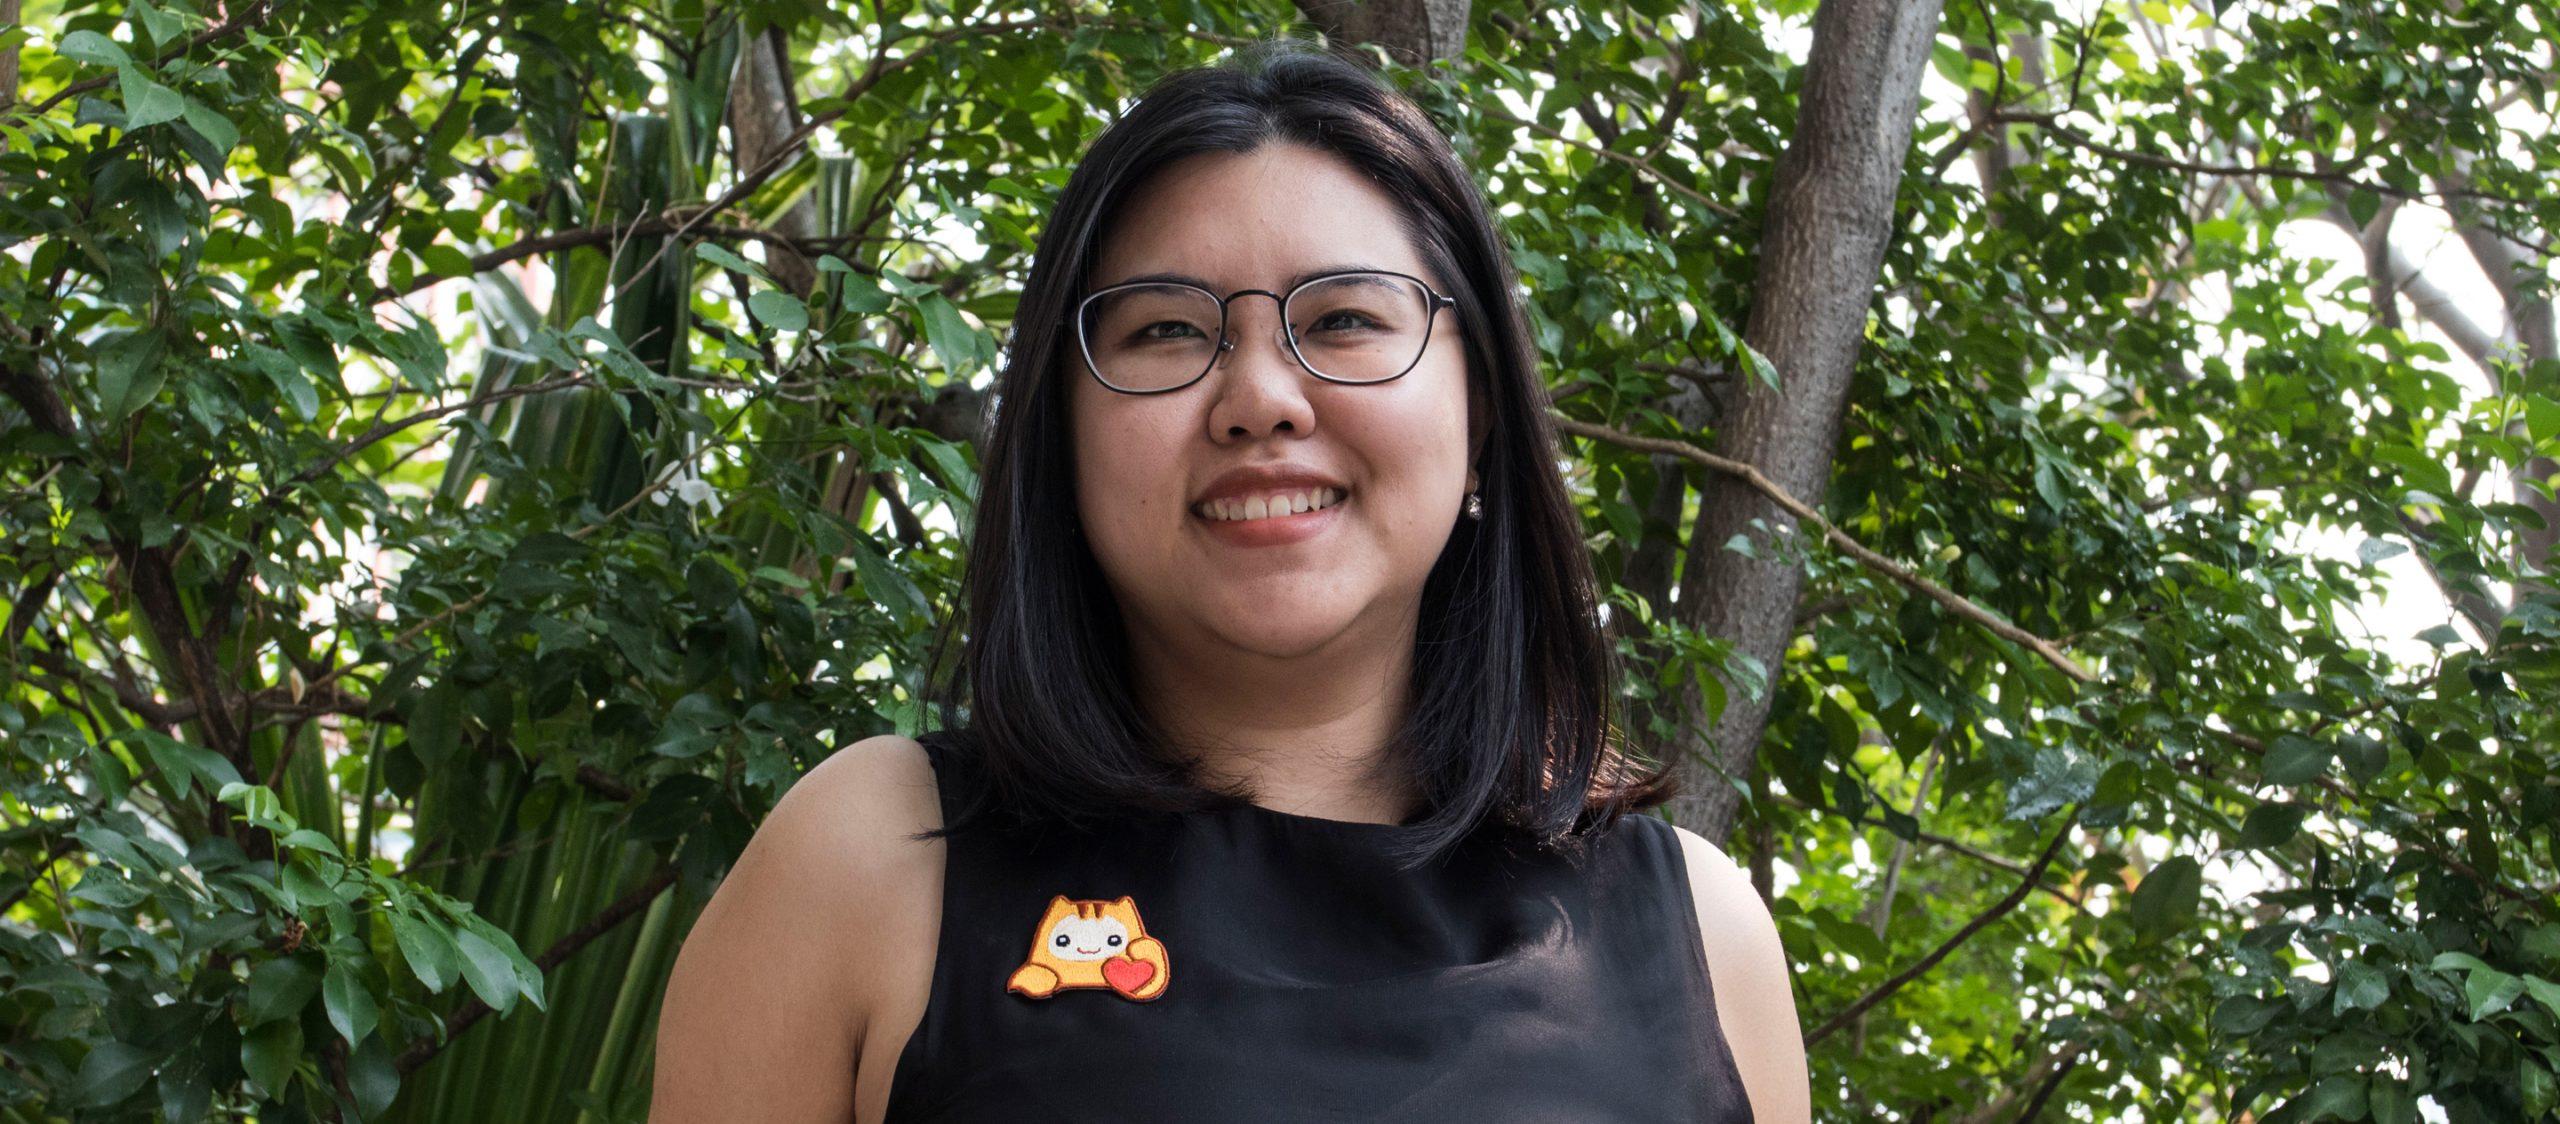 'เทใจดอทคอม' แพลตฟอร์มระดมทุนออนไลน์ที่ให้คนไทยได้เทใจเพื่อแก้ปัญหาสังคม